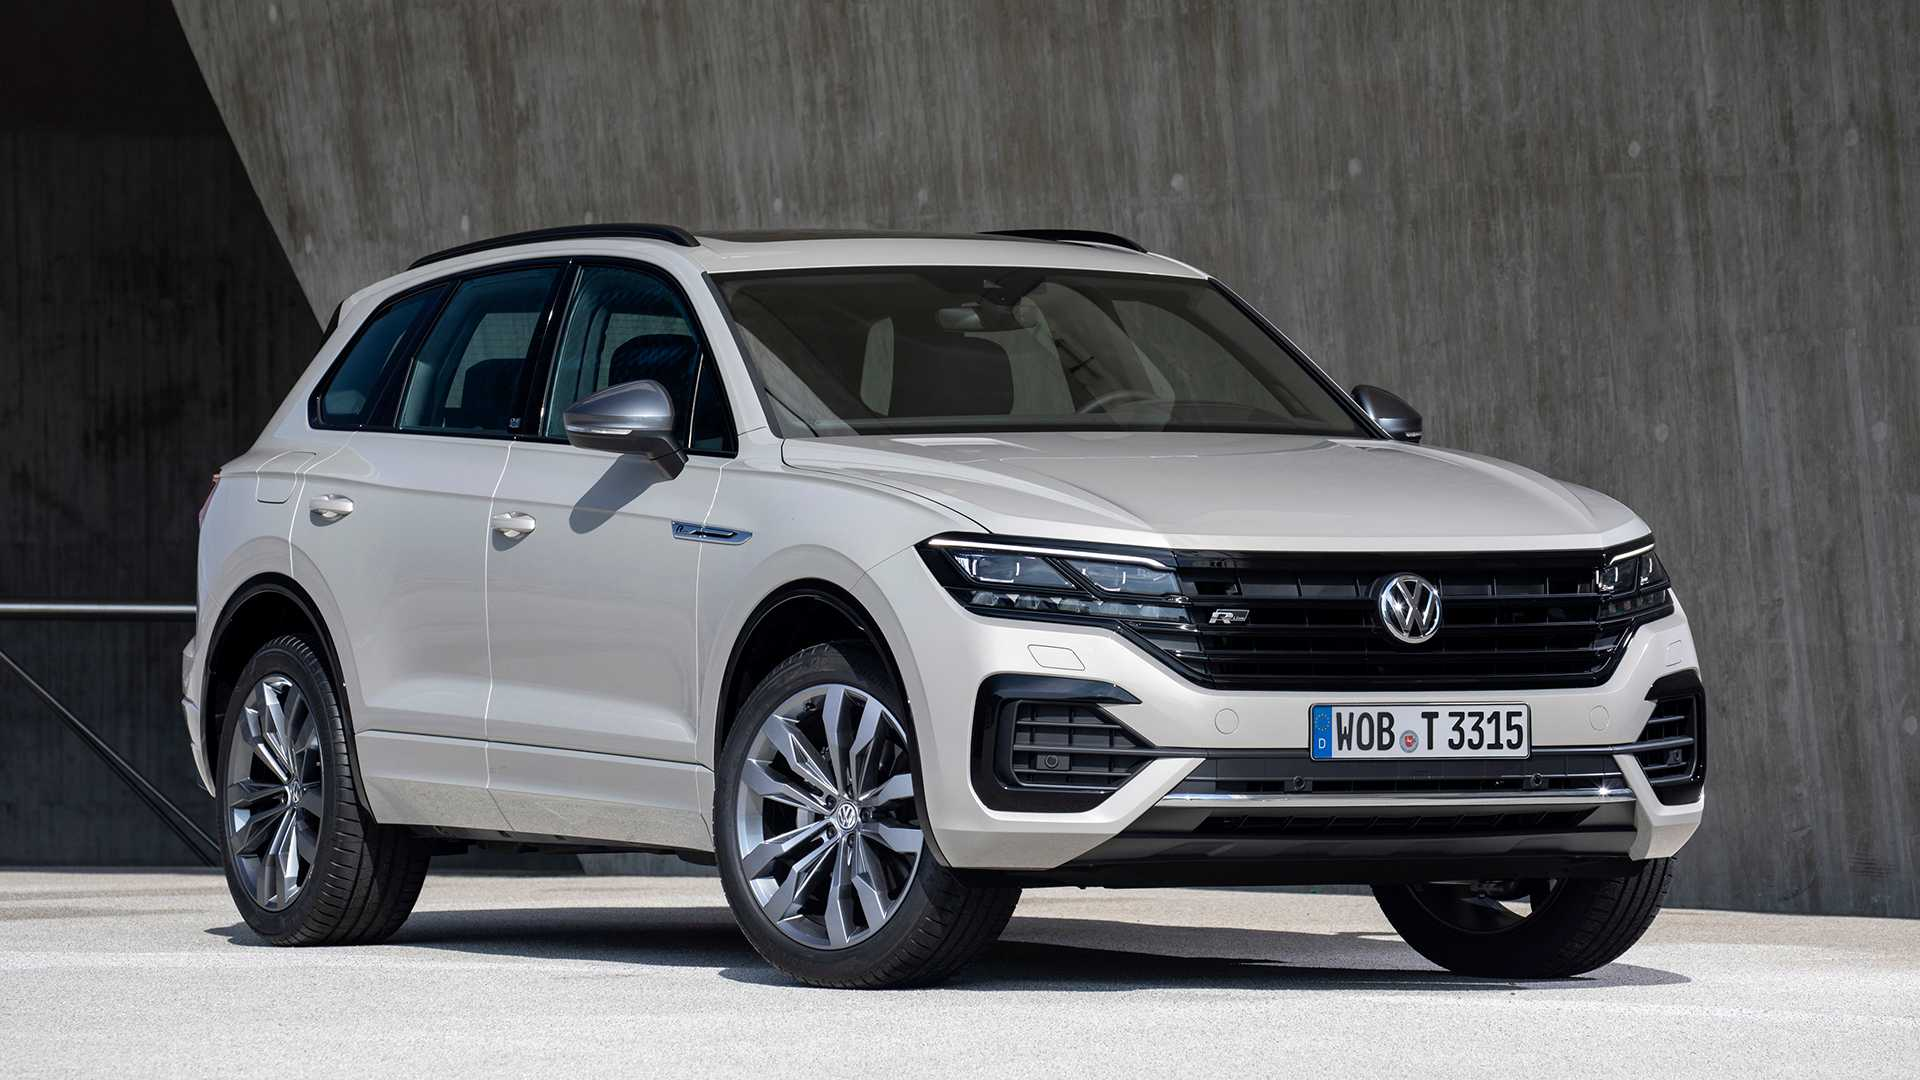 Выпущен миллионный Volkswagen Touareg 1